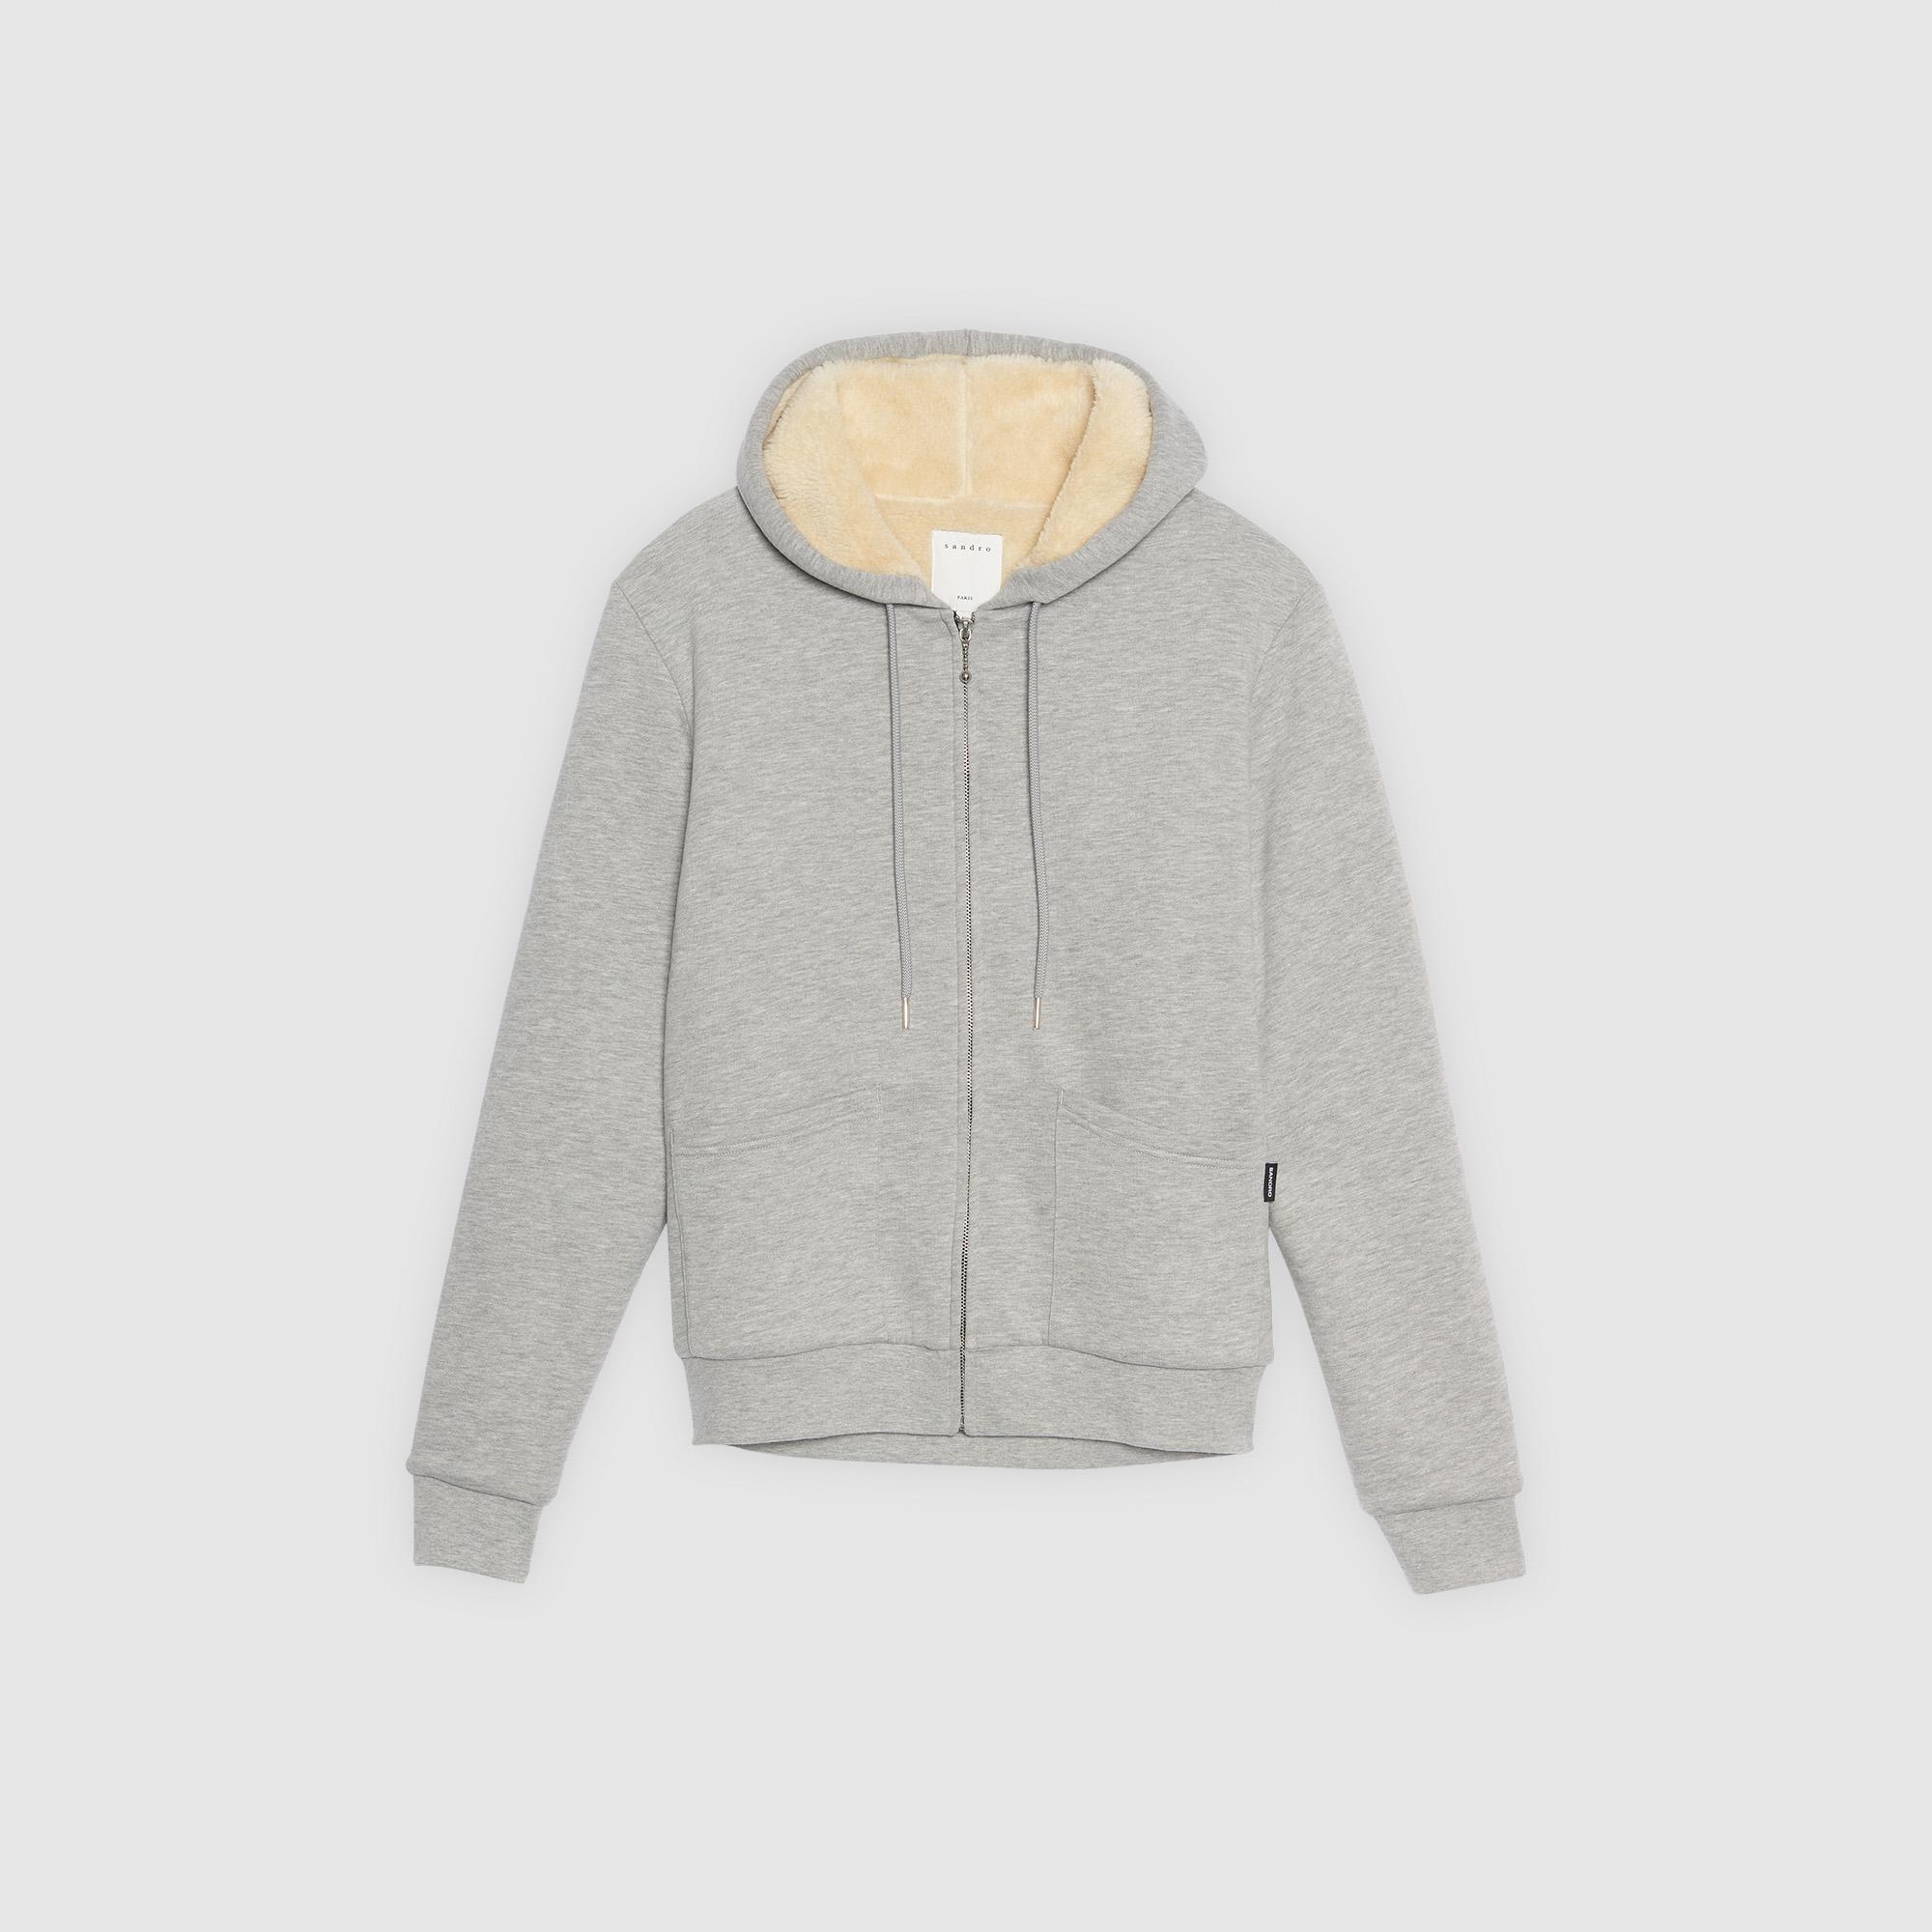 ... Kapuzen-Sweatshirt mit Reißverschluss   Sweatshirts farbe Grau Meliert c1d65c0a70